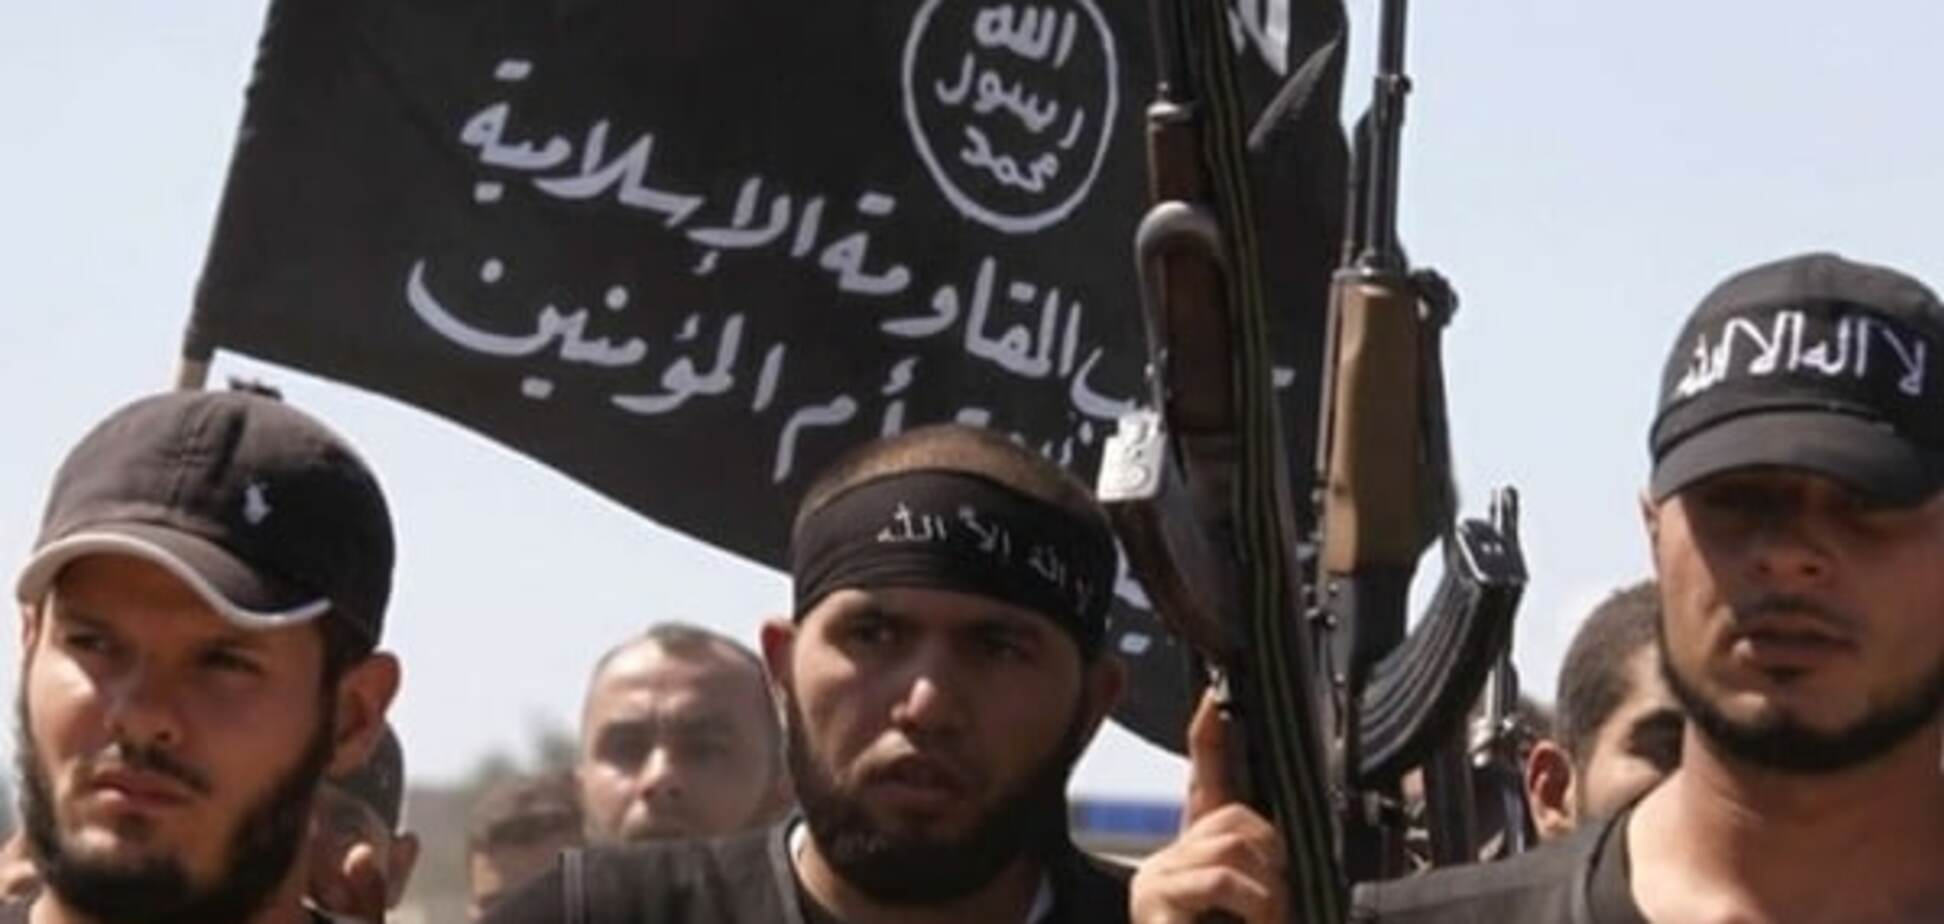 ІДІЛ підготувала 400 бойовиків для 'смертельної хвилі' по всій Європі - Associated Press